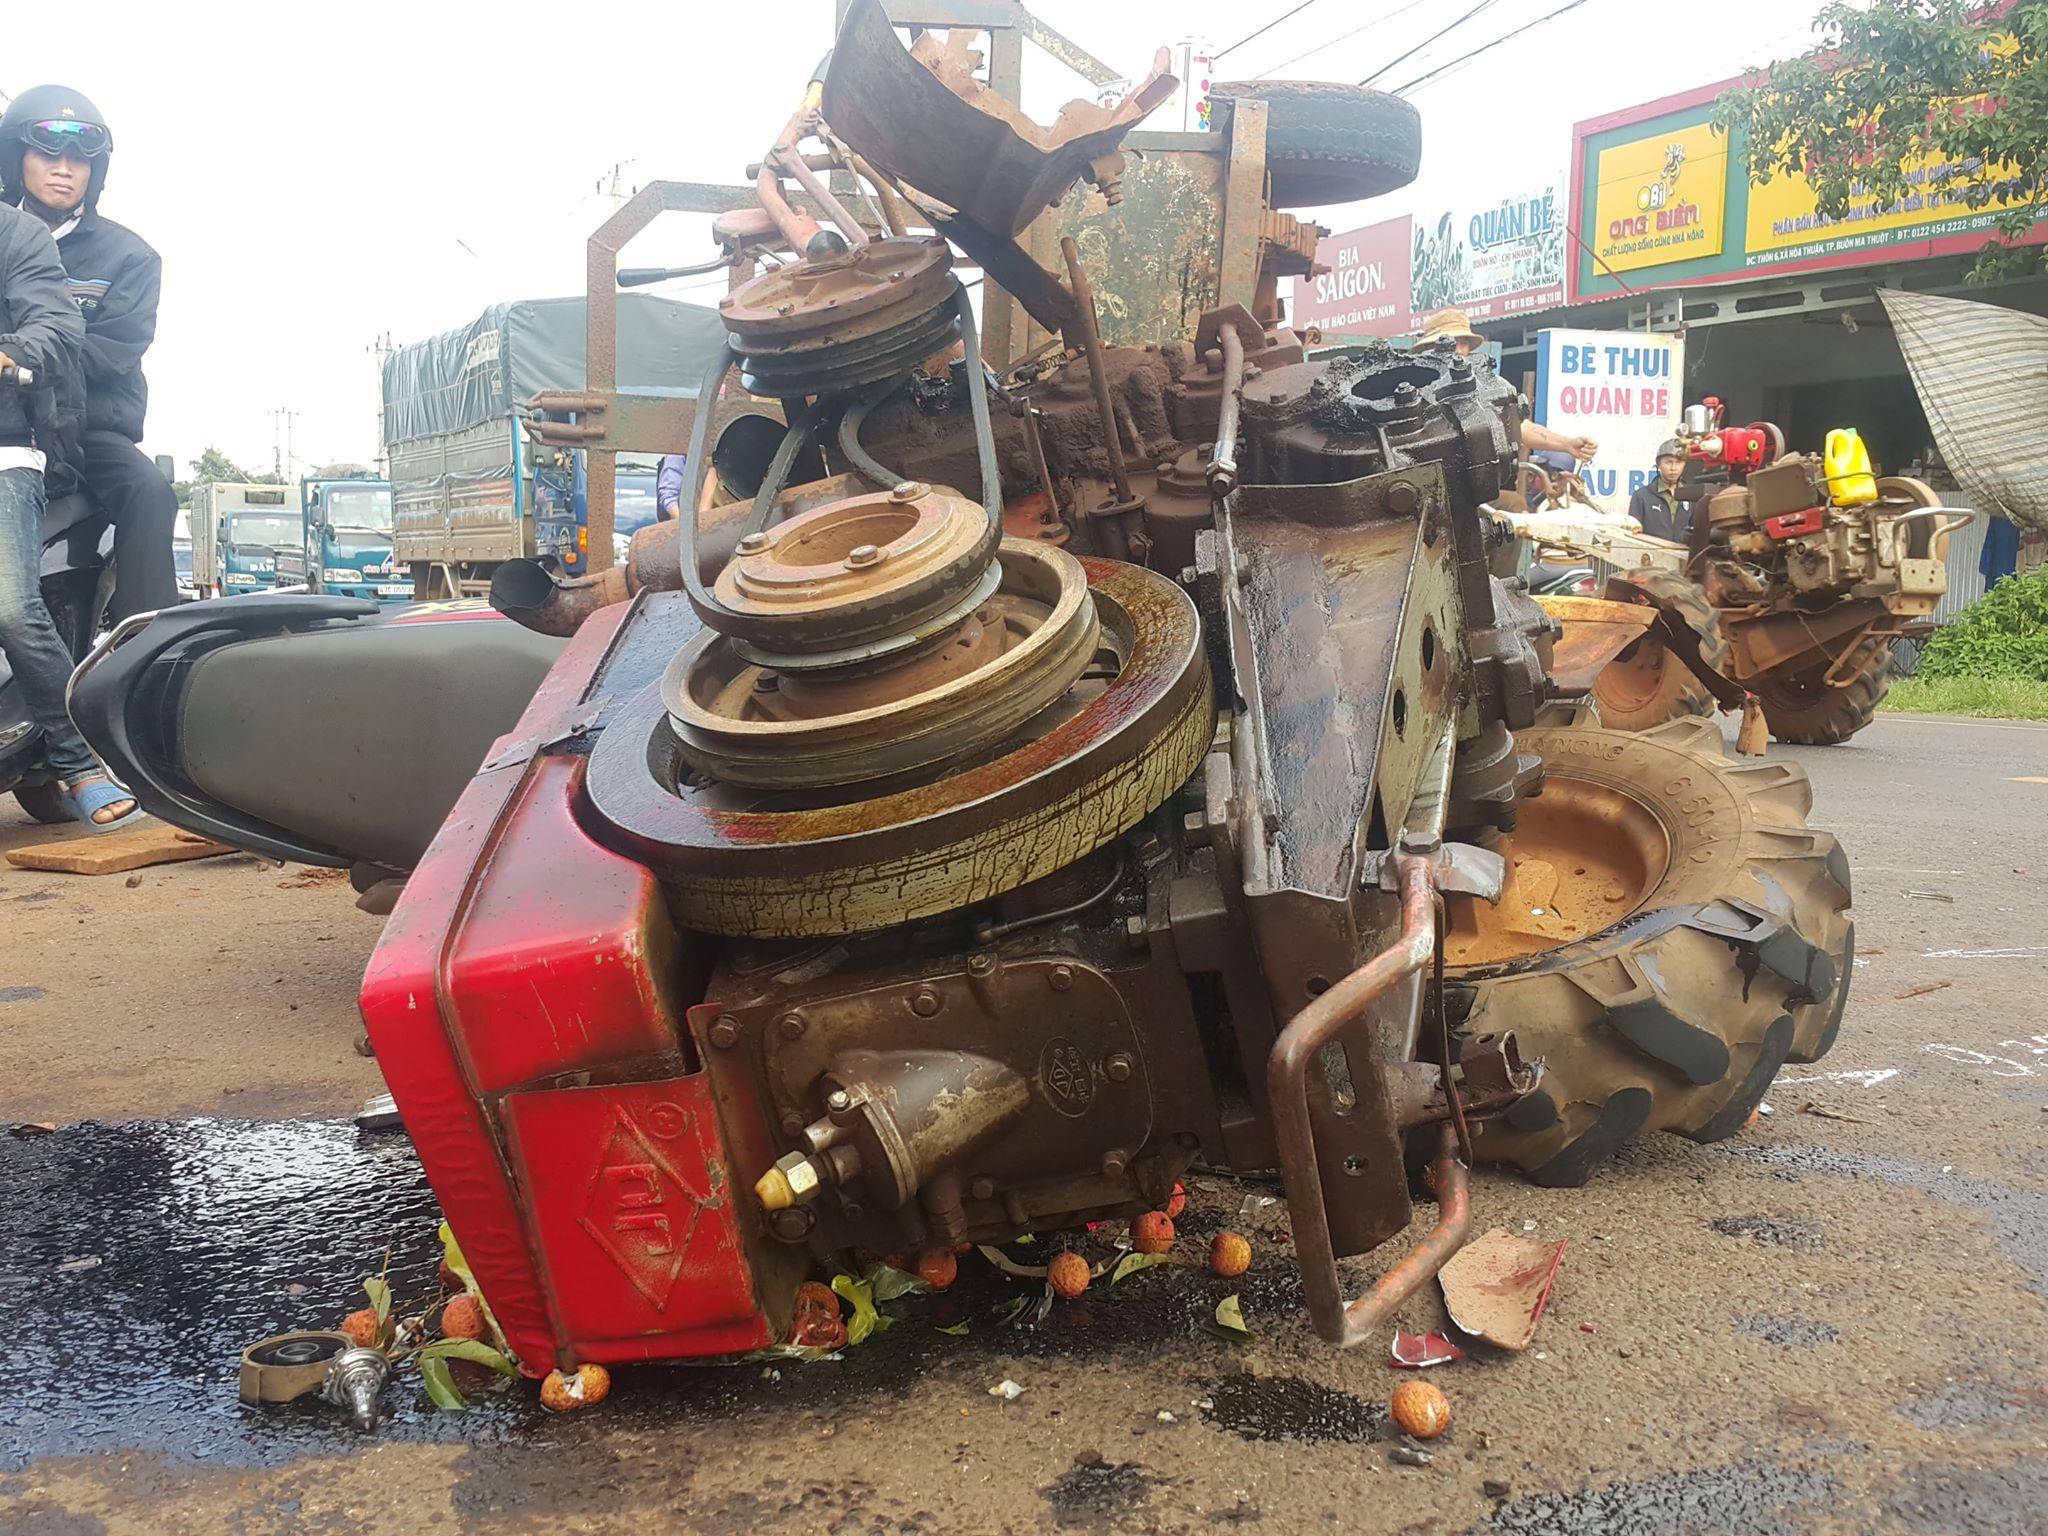 Xe máy cày và xe máy đối đầu kinh hoàng 10 người bị thương Ảnh 2